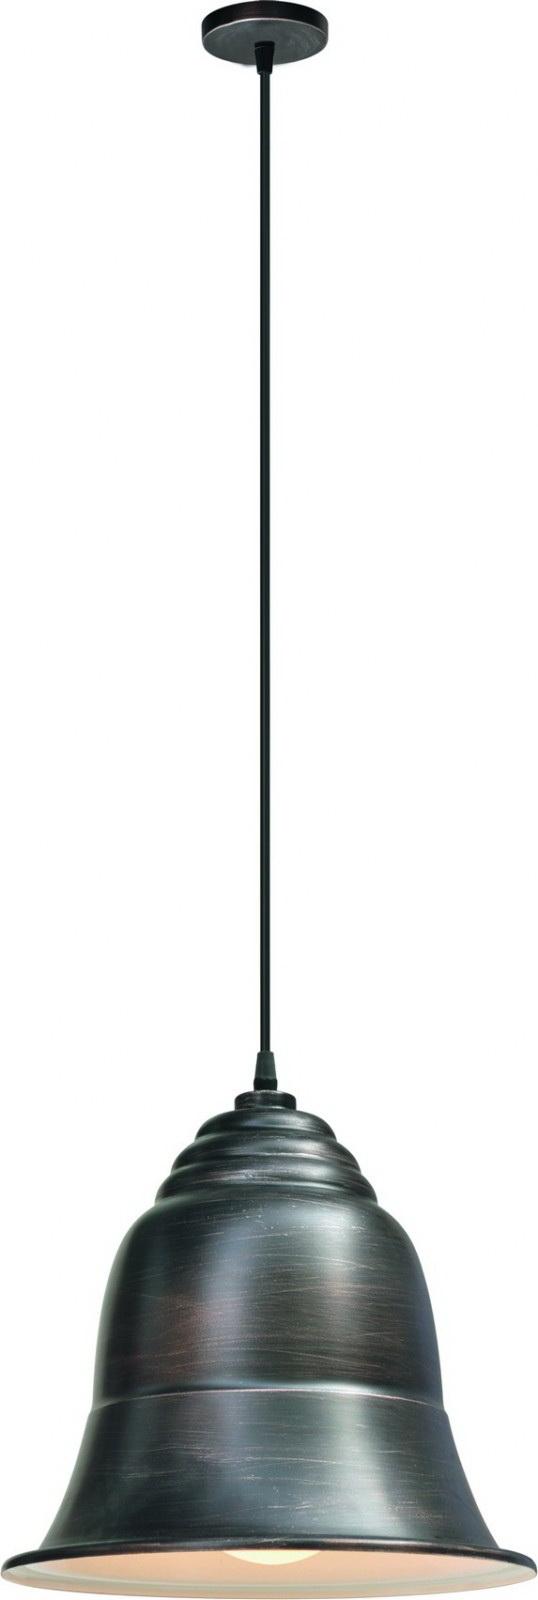 Подвес Arte lamp Trendy a1508sp-1br arte lamp подвес arte lamp rustica a6884sp 1br